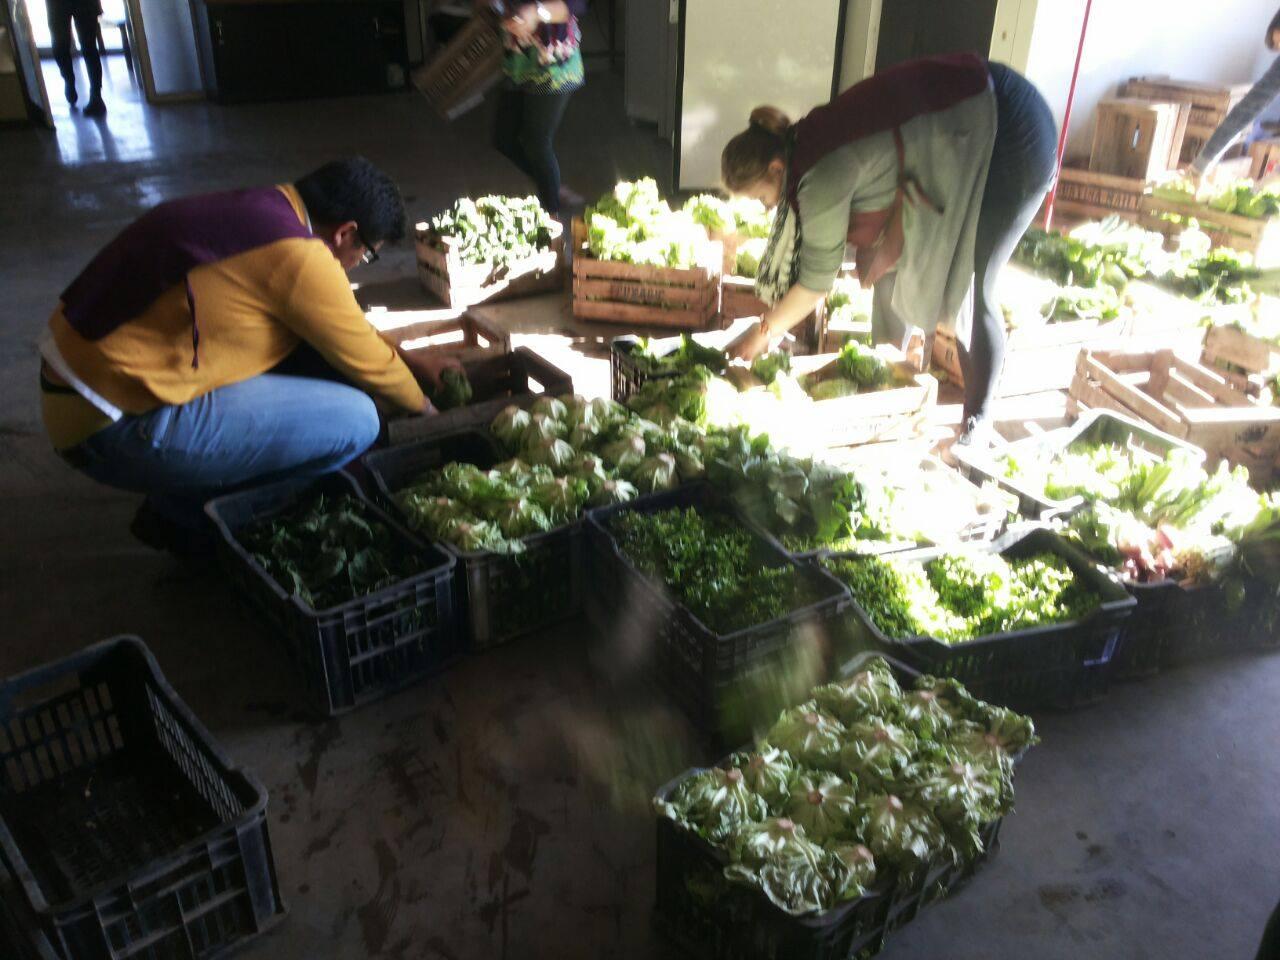 verdura en cajones